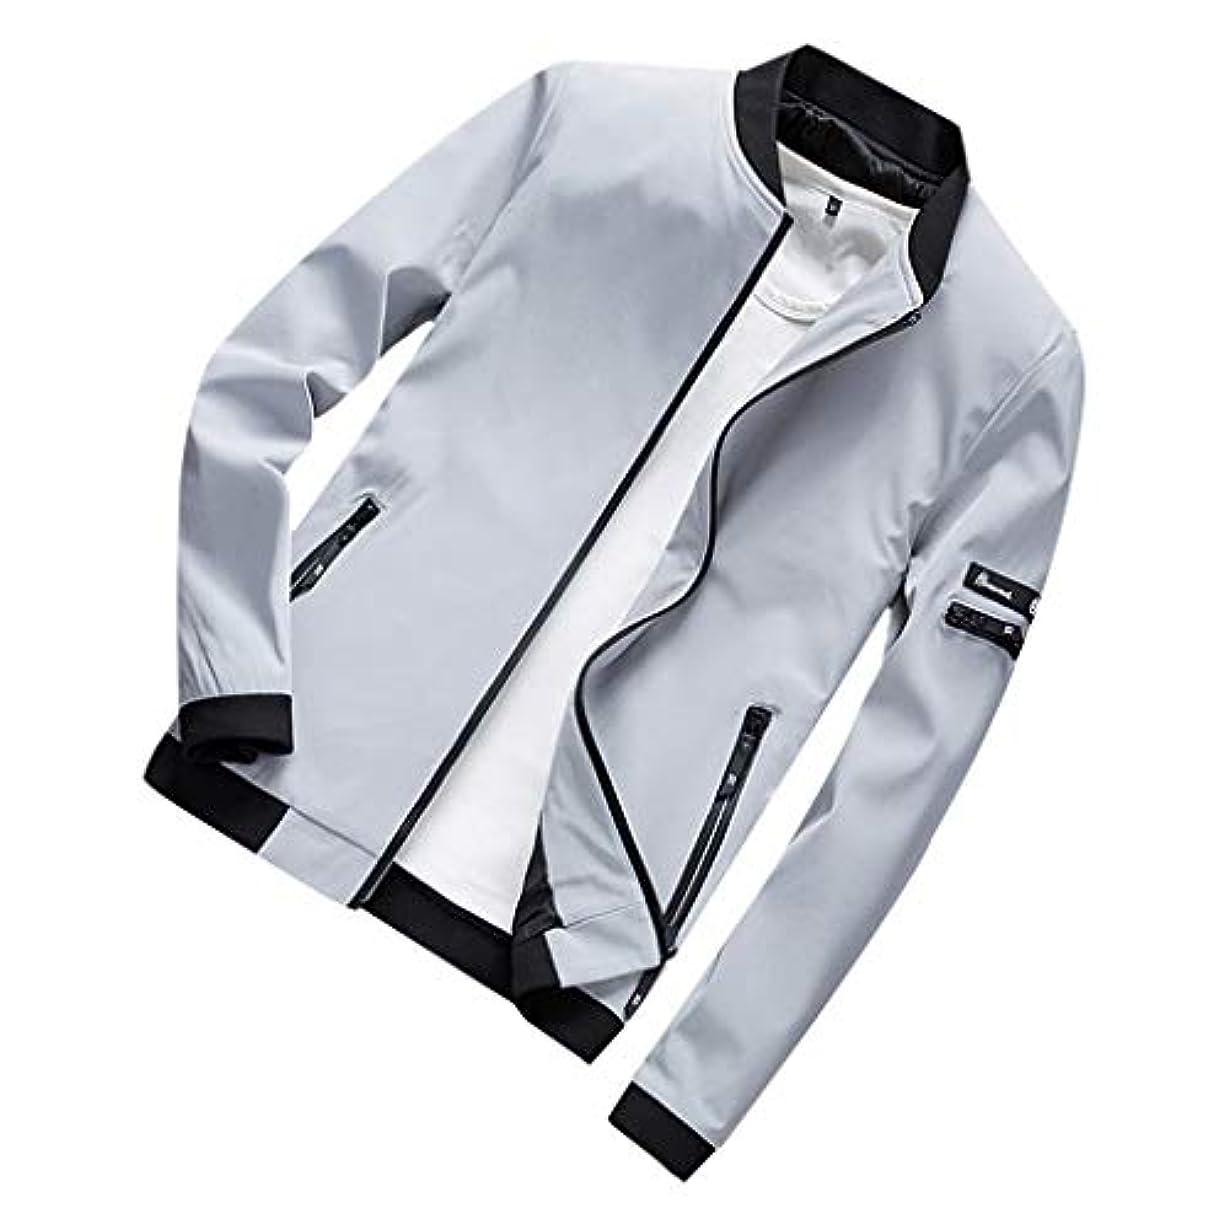 検出器世界記録のギネスブックヘッドレスジャケット メンズ コート ブルゾン 秋 冬 防水 無地 カジュアル 綿 大きいサイズ アウター 黒 ストレッチ ビジネスシャツ 細身 ジャケット